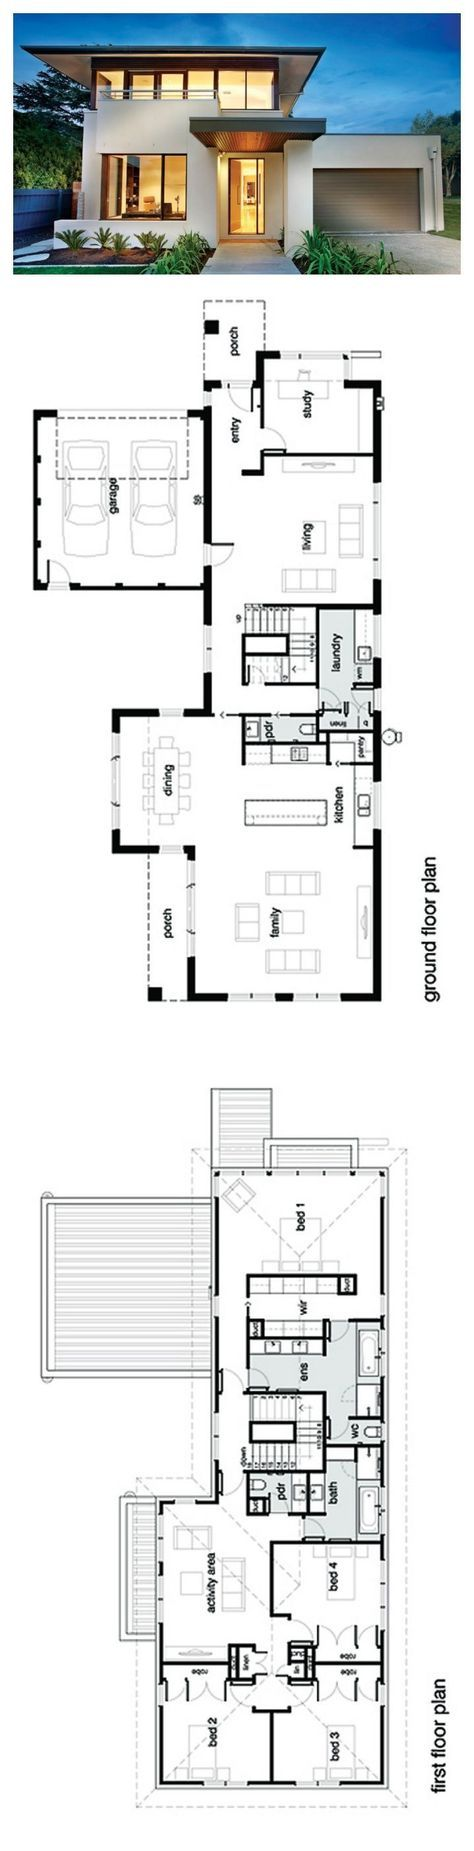 Two storey, 4 bedroom